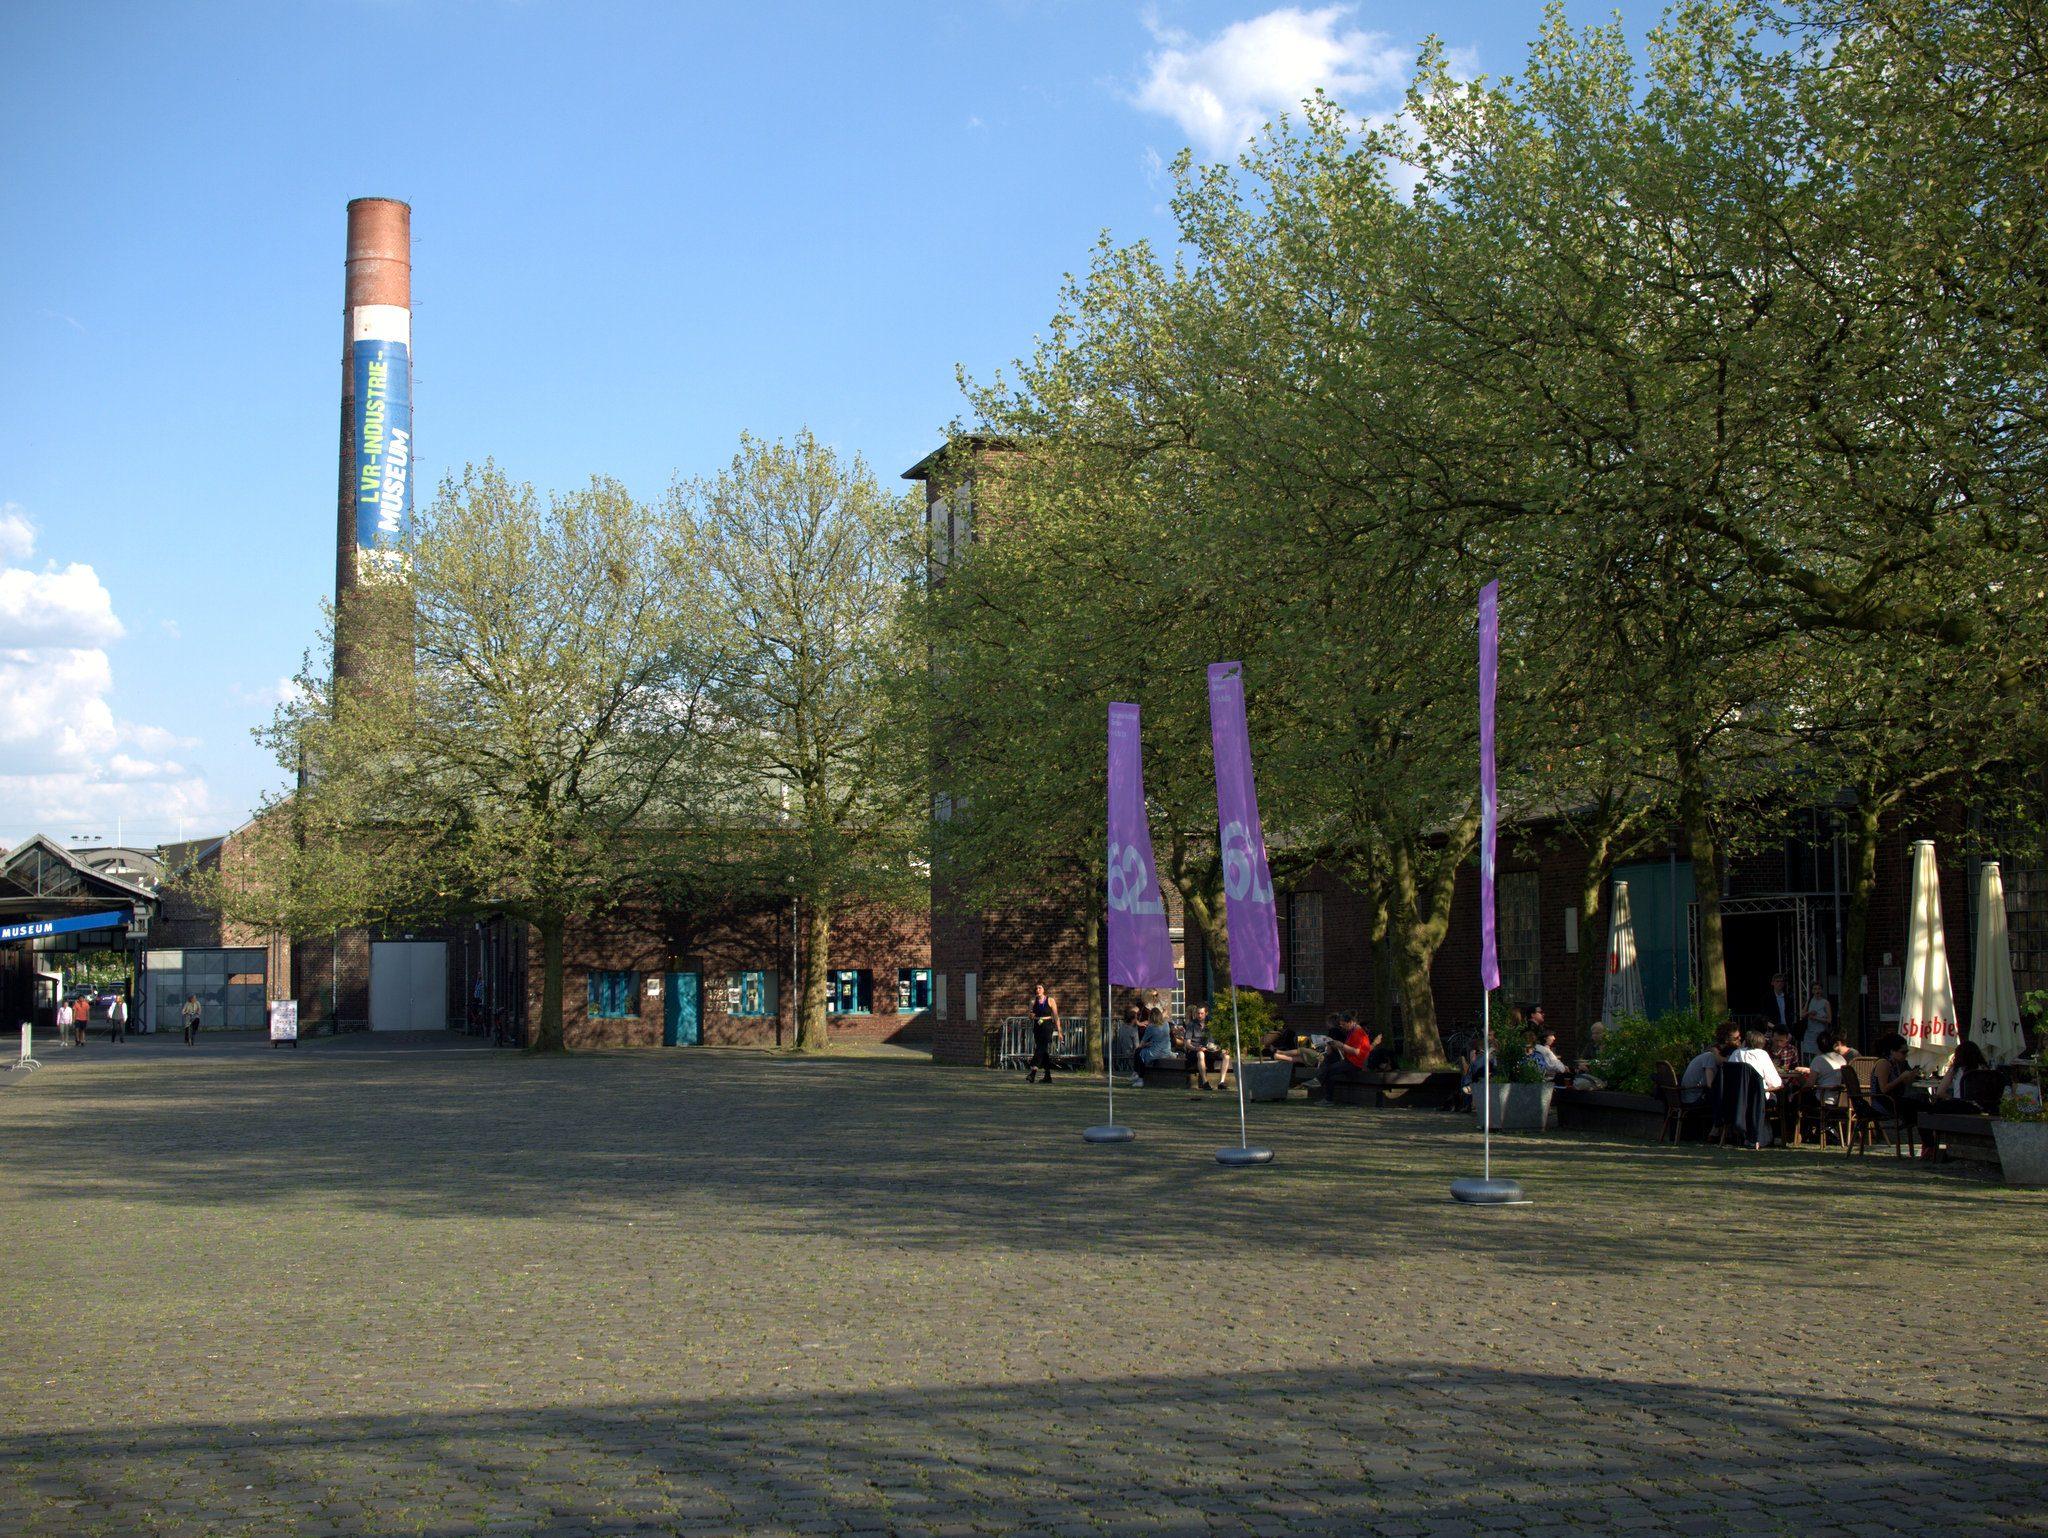 Am LVR Industriemuseum Altenberg, Oberhausen.